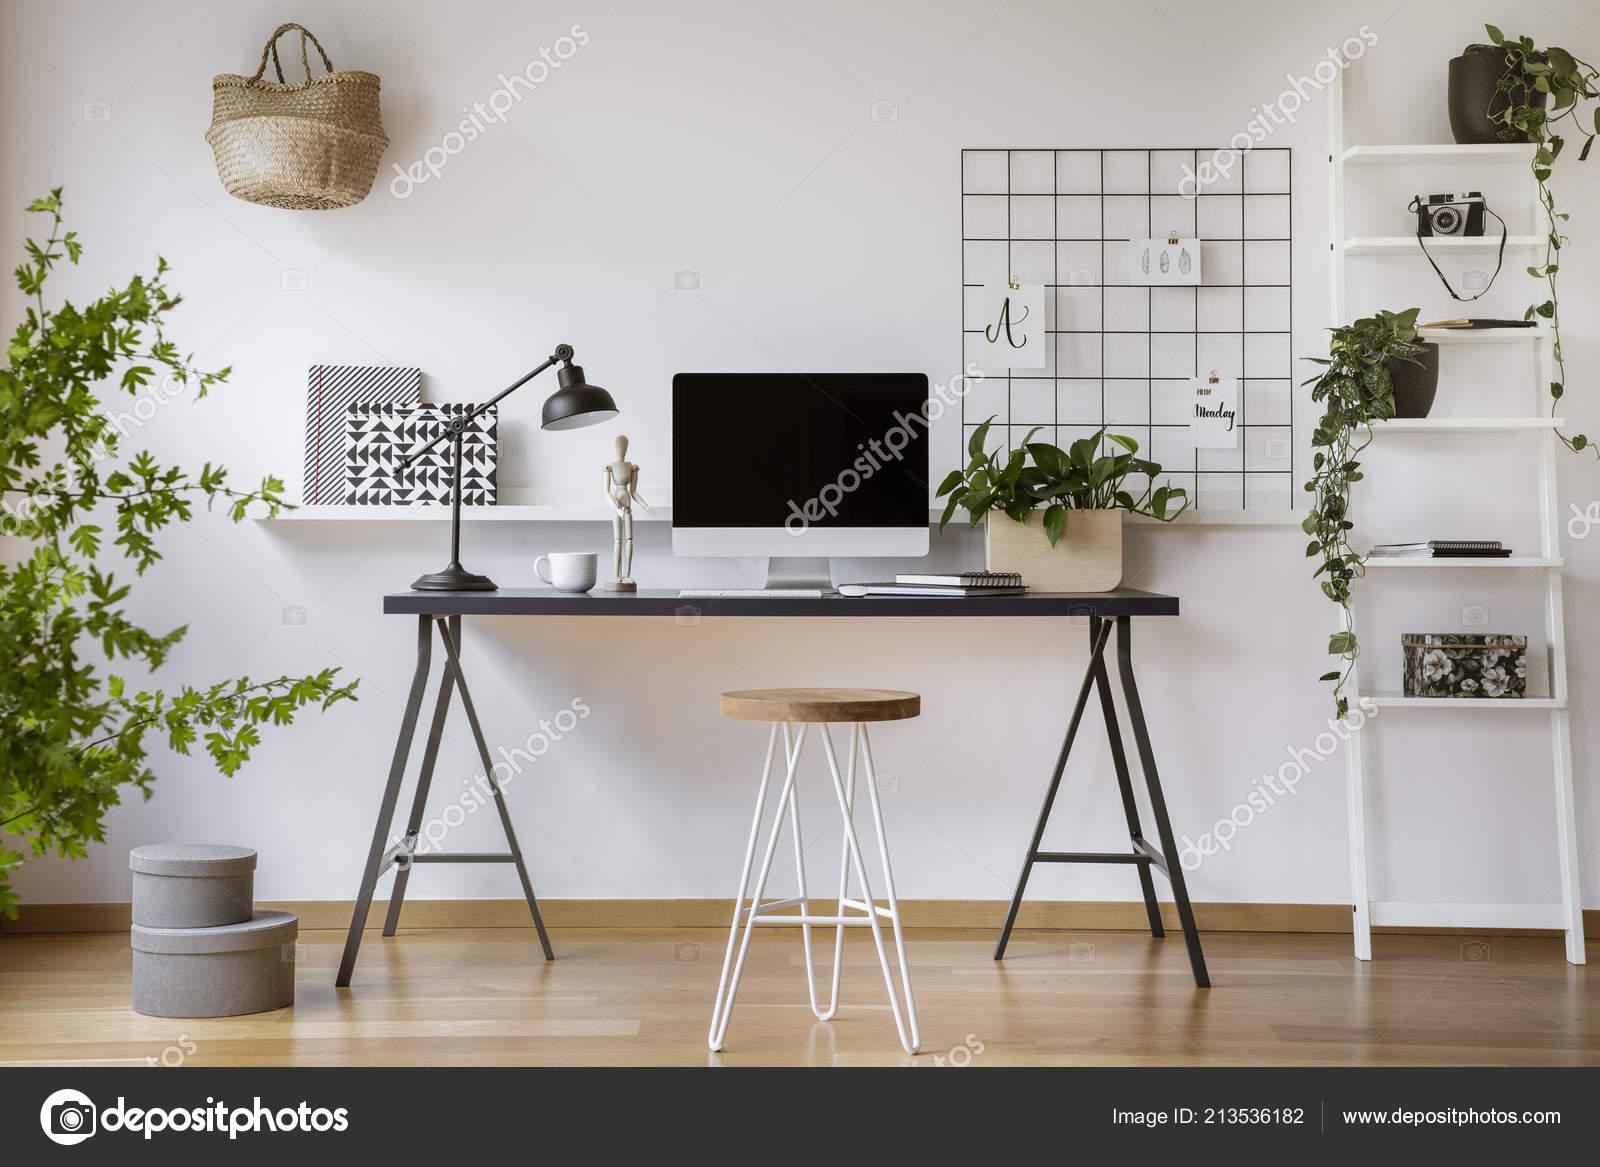 Piedi sgabello tornante scrivania legno con schermo del computer